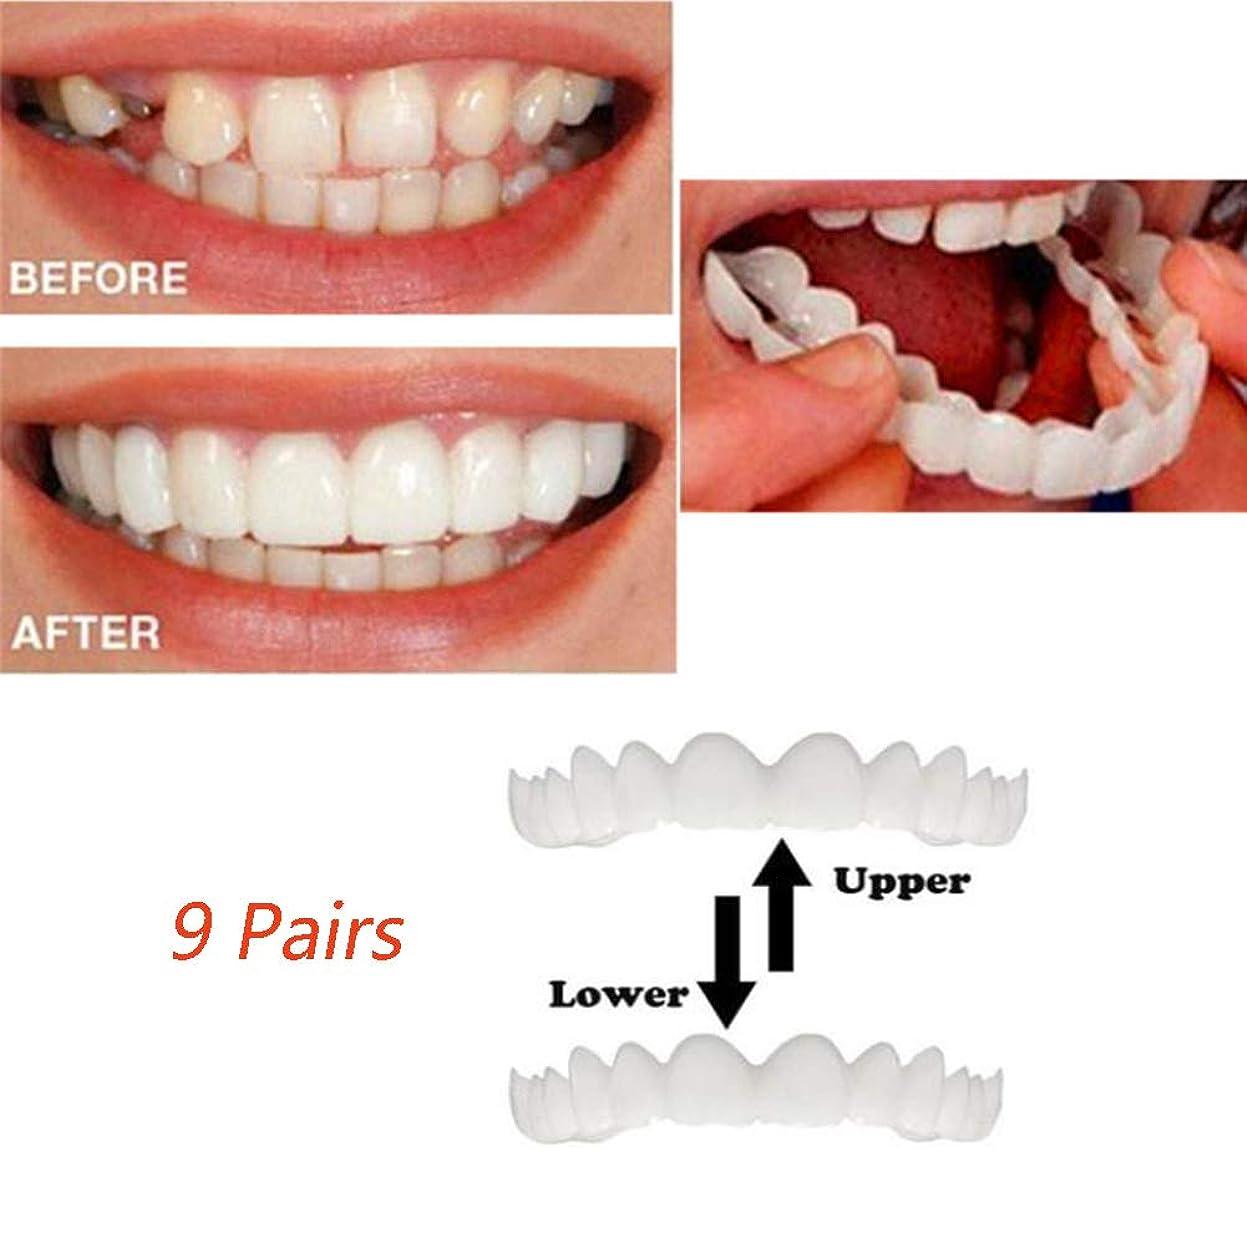 おとこ石鹸五月9ペアインスタントスマイル歯ホワイトニング歯スナップ化粧品義歯底とトップ化粧品突き板快適な歯科ケアツール